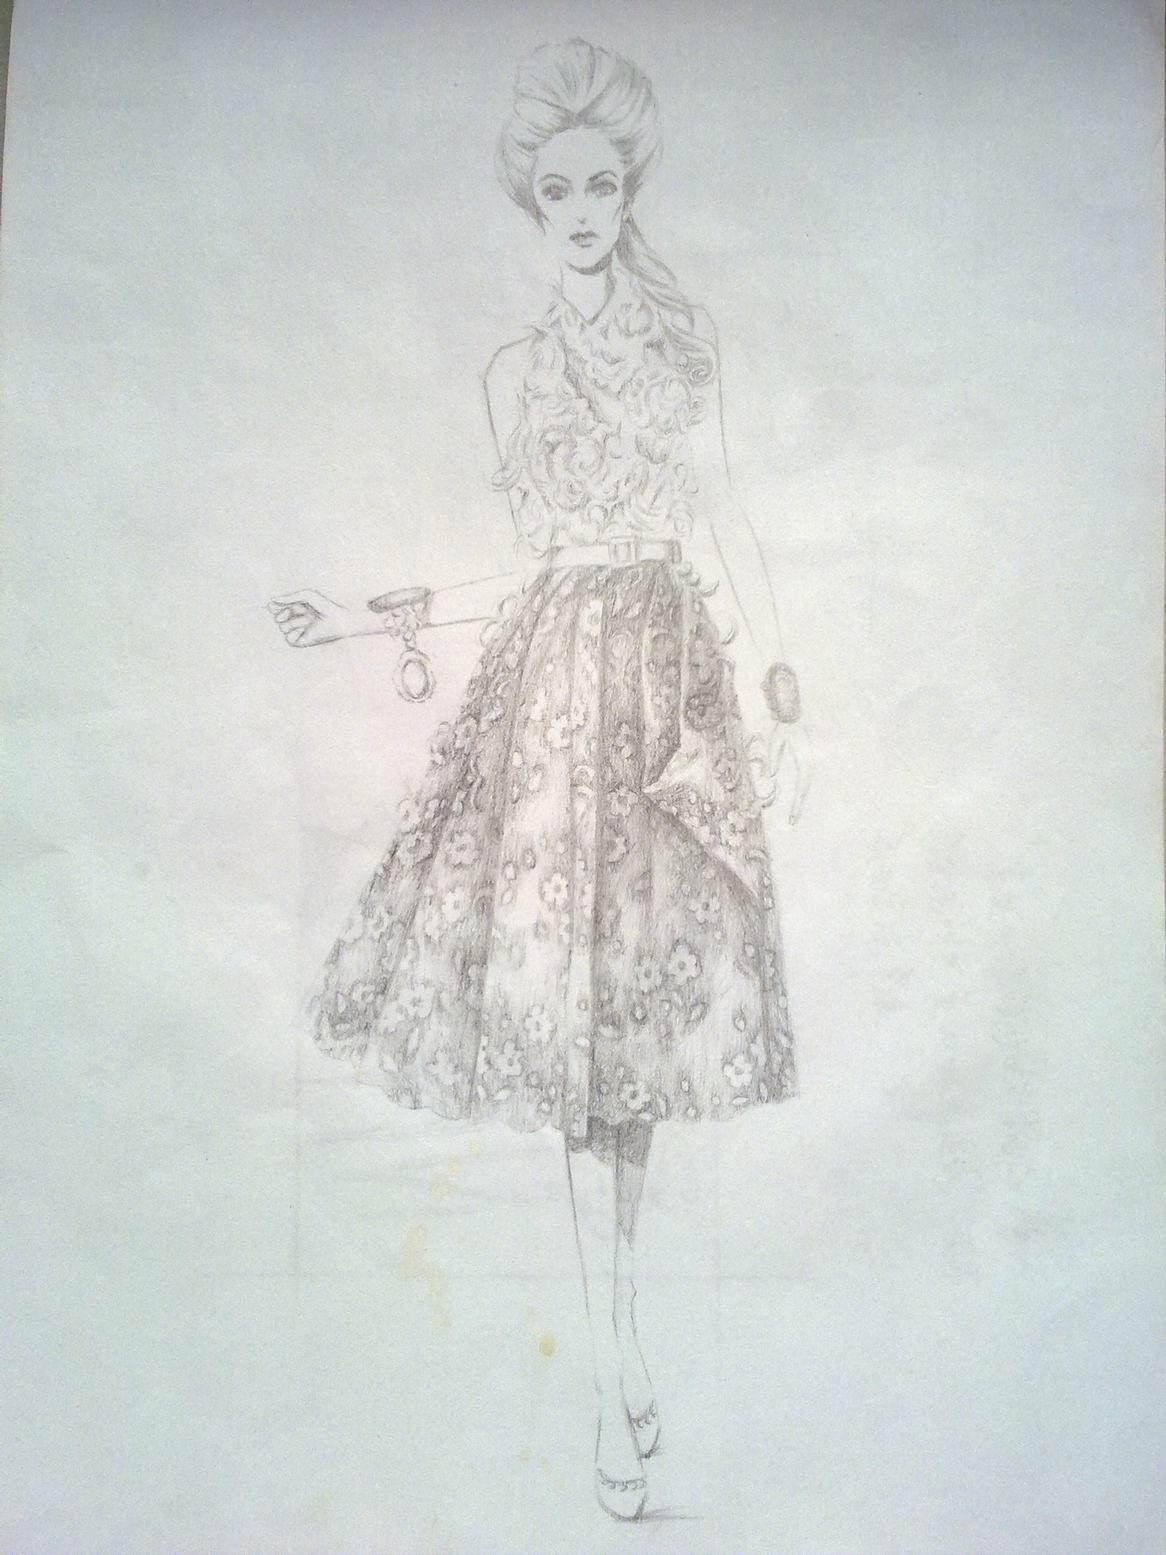 手绘女孩铅笔画头发展示